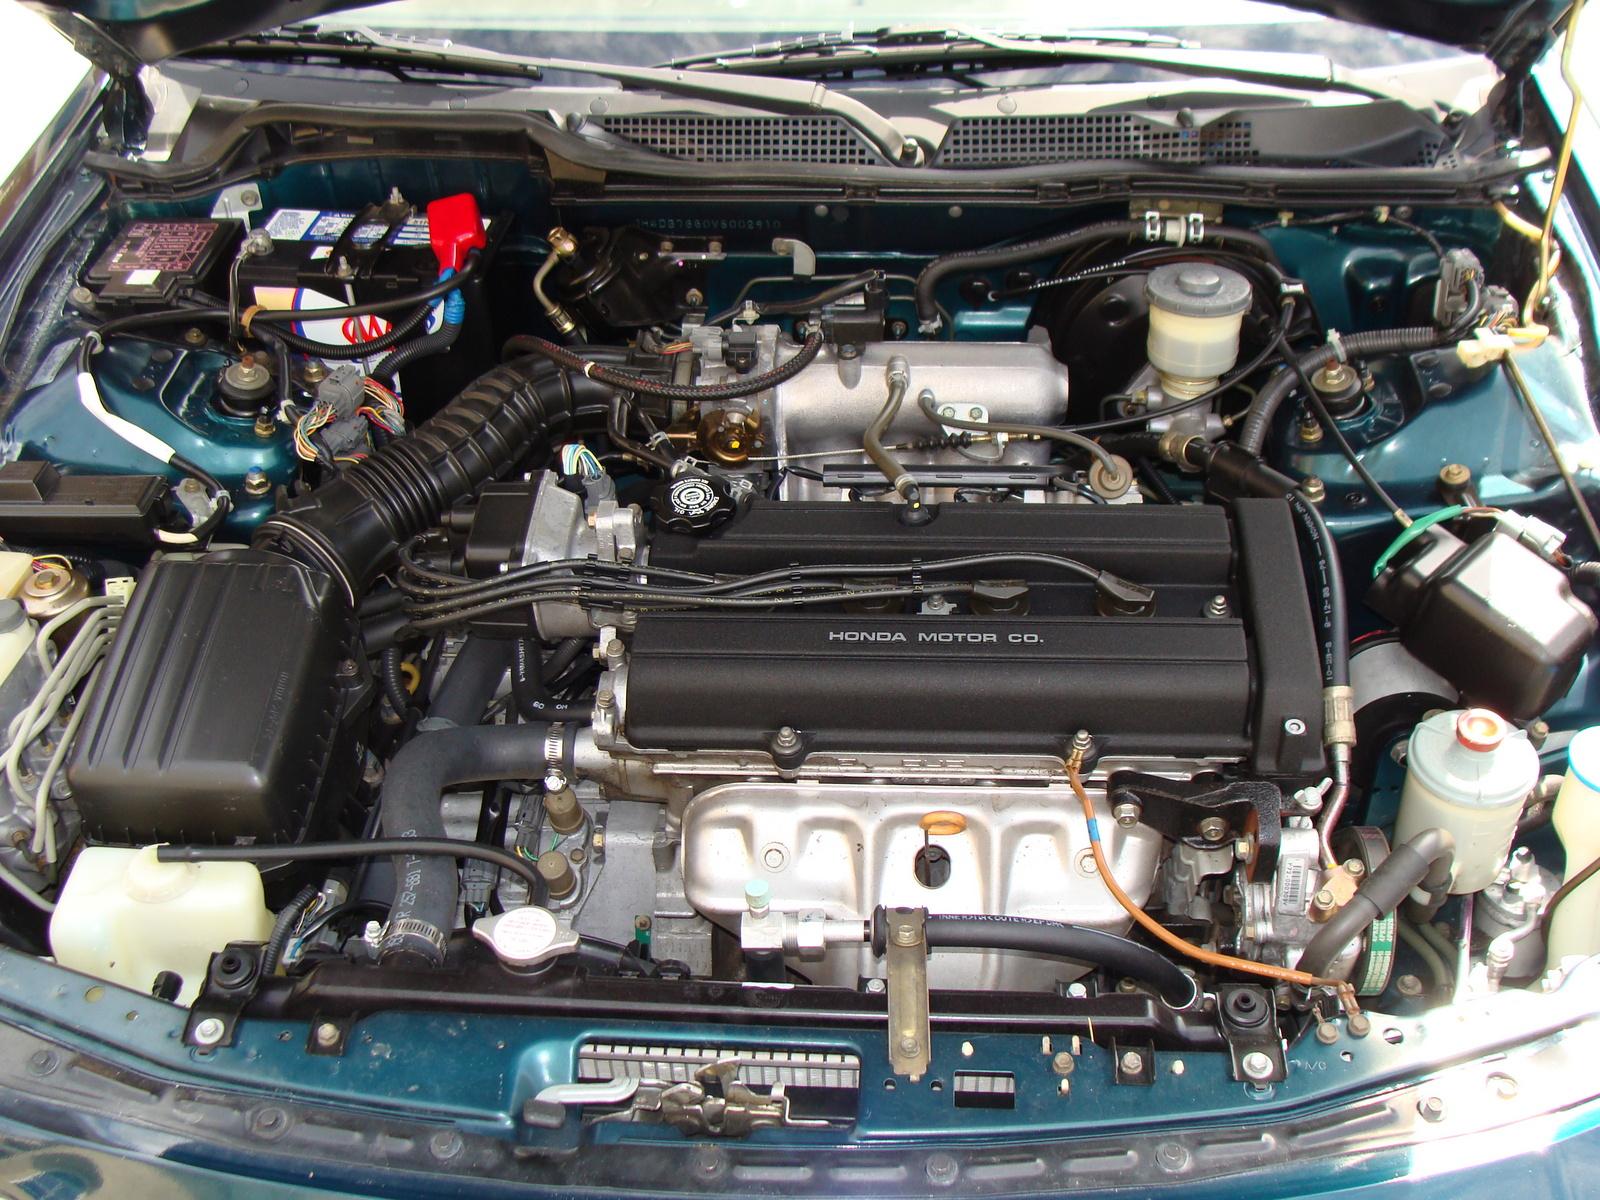 Acura Integra Dr Gs Sedan Pic on 1995 Acura Integra Hatchback